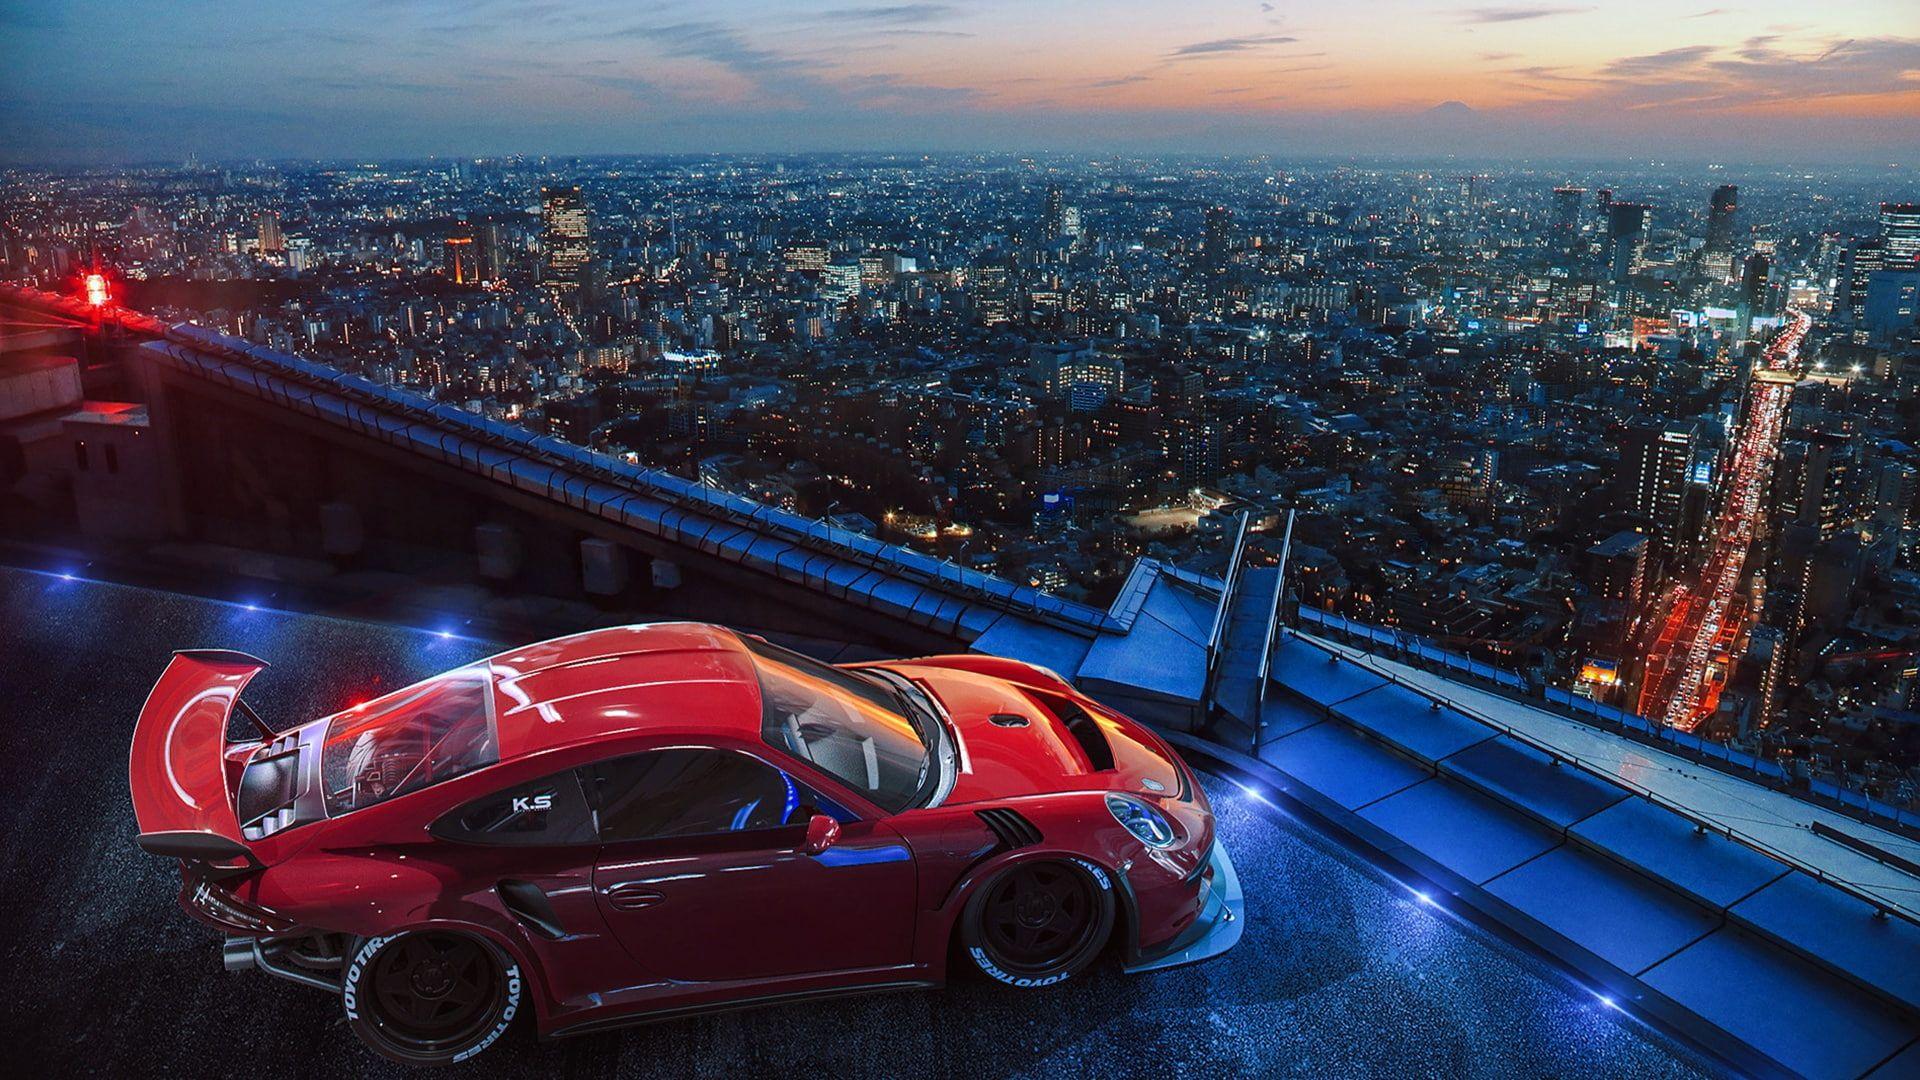 Porsche City Tuning Future Ligth By Khyzyl Saleem 1080p Wallpaper Hdwallpaper D Car Wallpapers Merry Christmas Wallpaper Merry Christmas Wishes Images